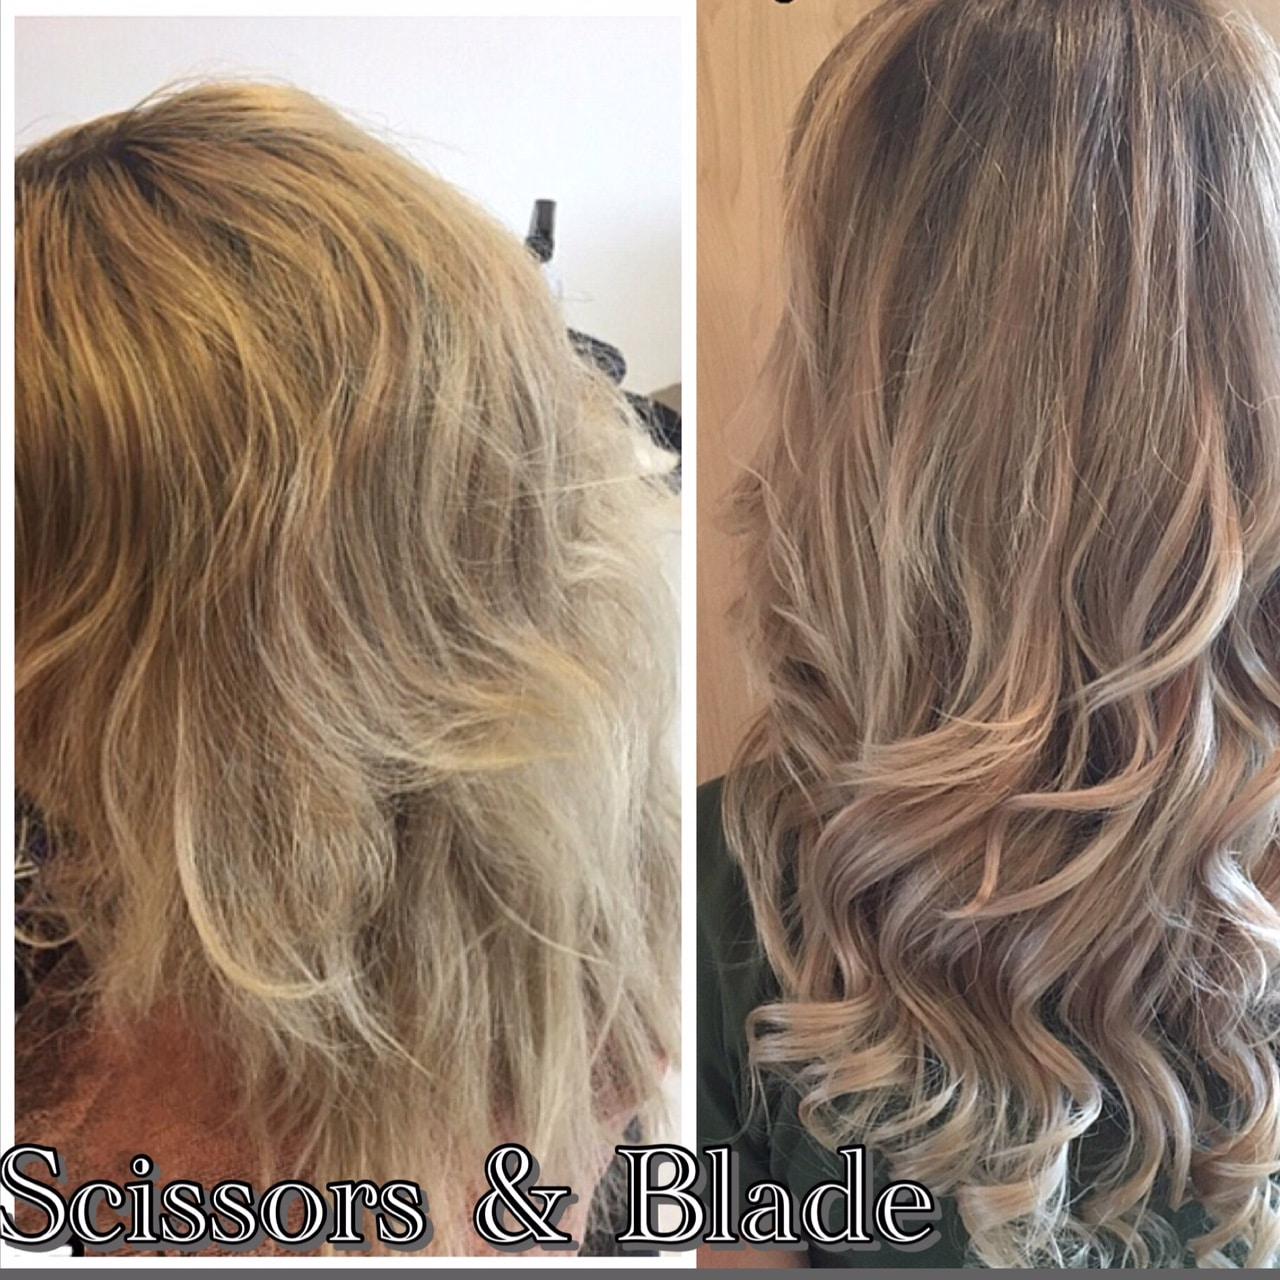 scissors-blade ash blonde